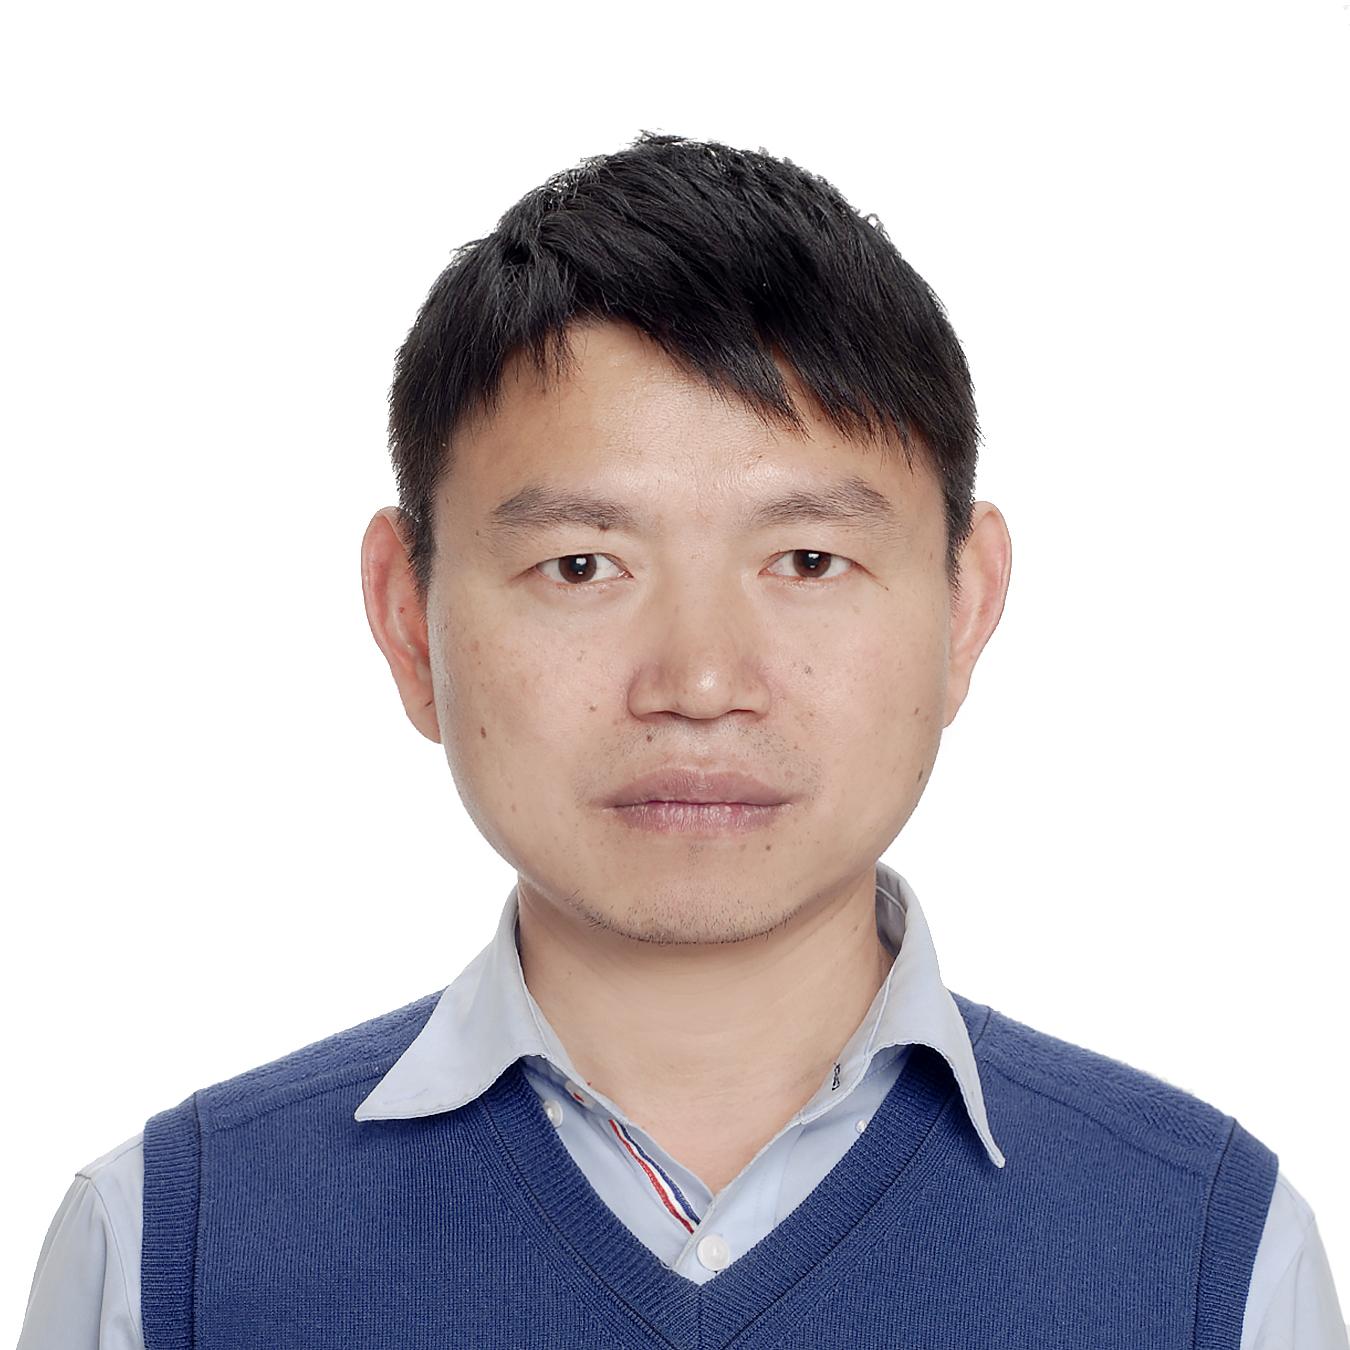 Xiaojun Chen